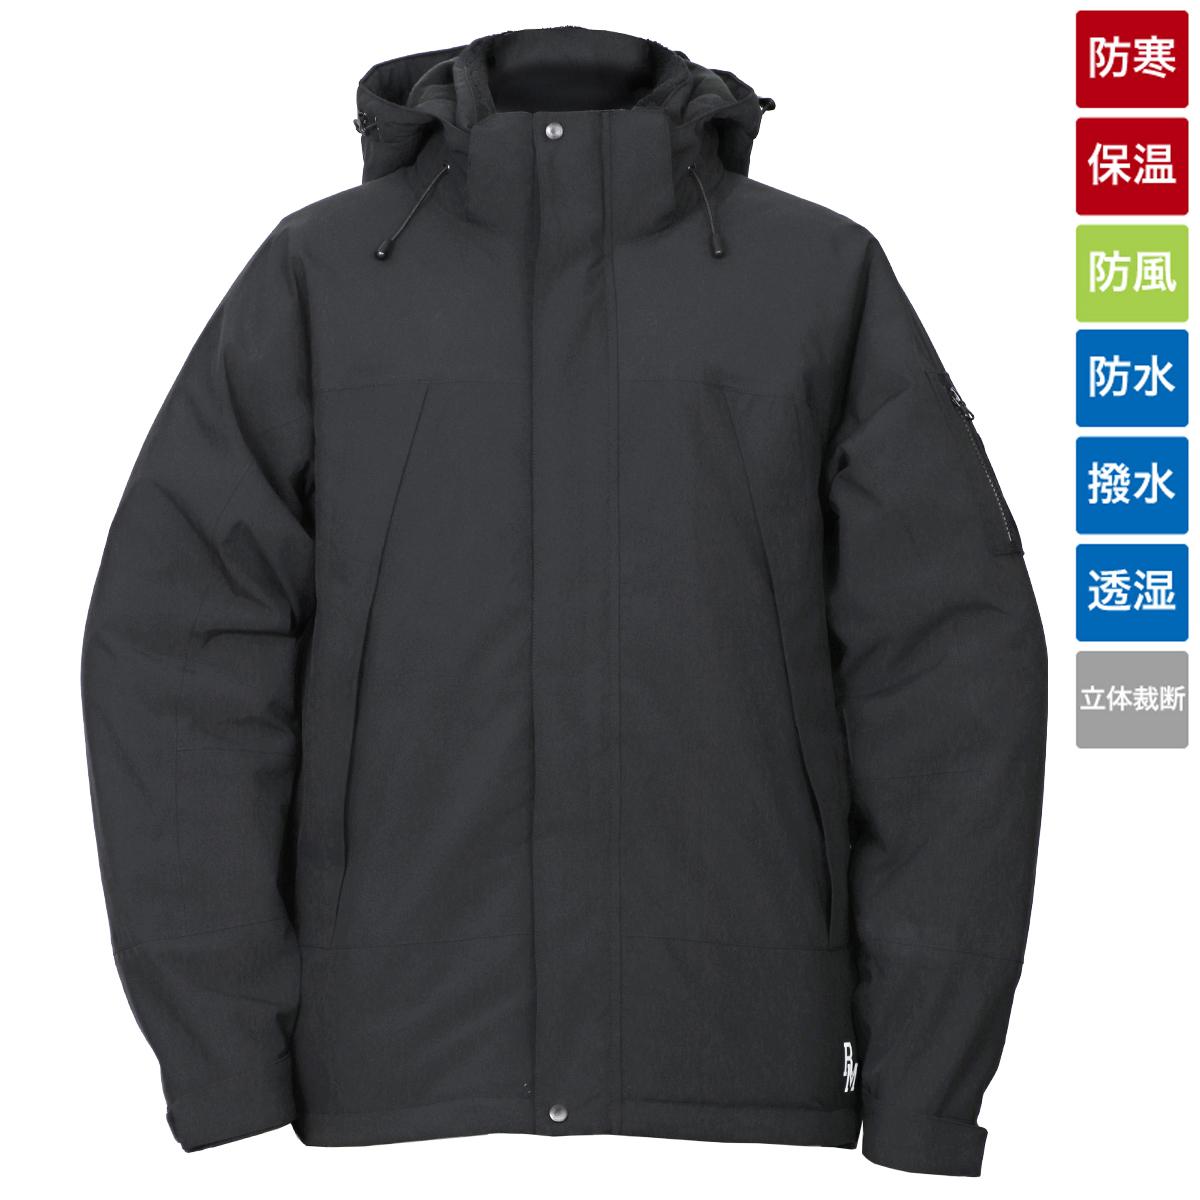 タカミヤ REAL METHOD 防水ウィンターダウンジャケット 2XL ブラック(東日本店)